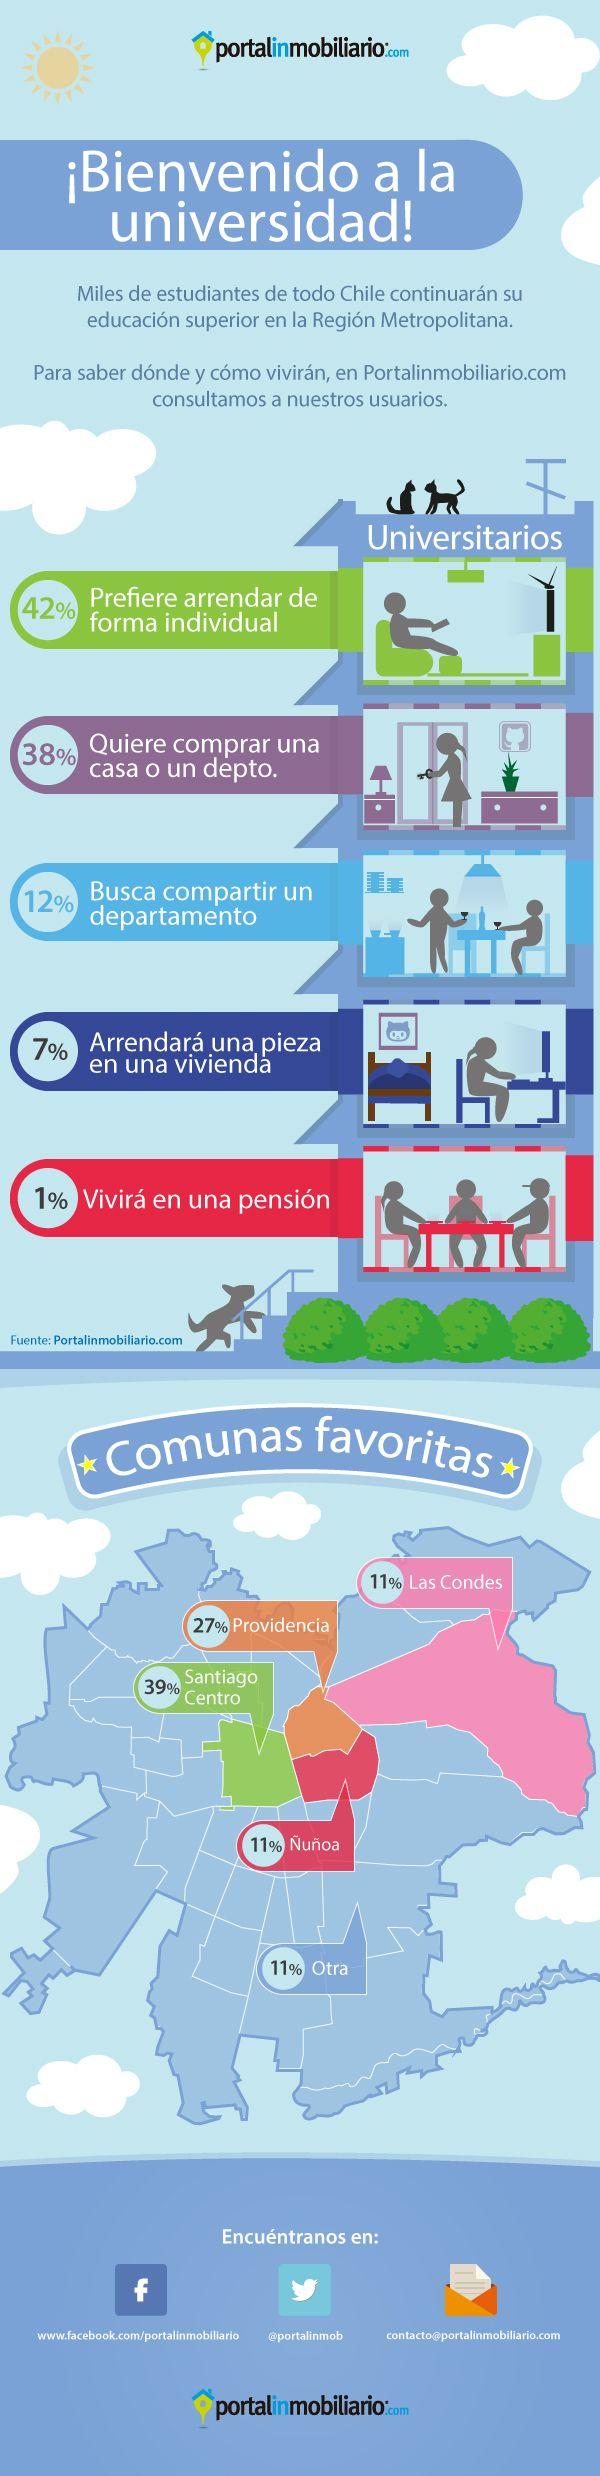 Portalinmobiliario.com analizó el cómo y dónde quiere vivir el estudiante universitario. Entérate de los detalles http://www.portalinmobiliario.com/diario/noticia.asp?NoticiaID=21429